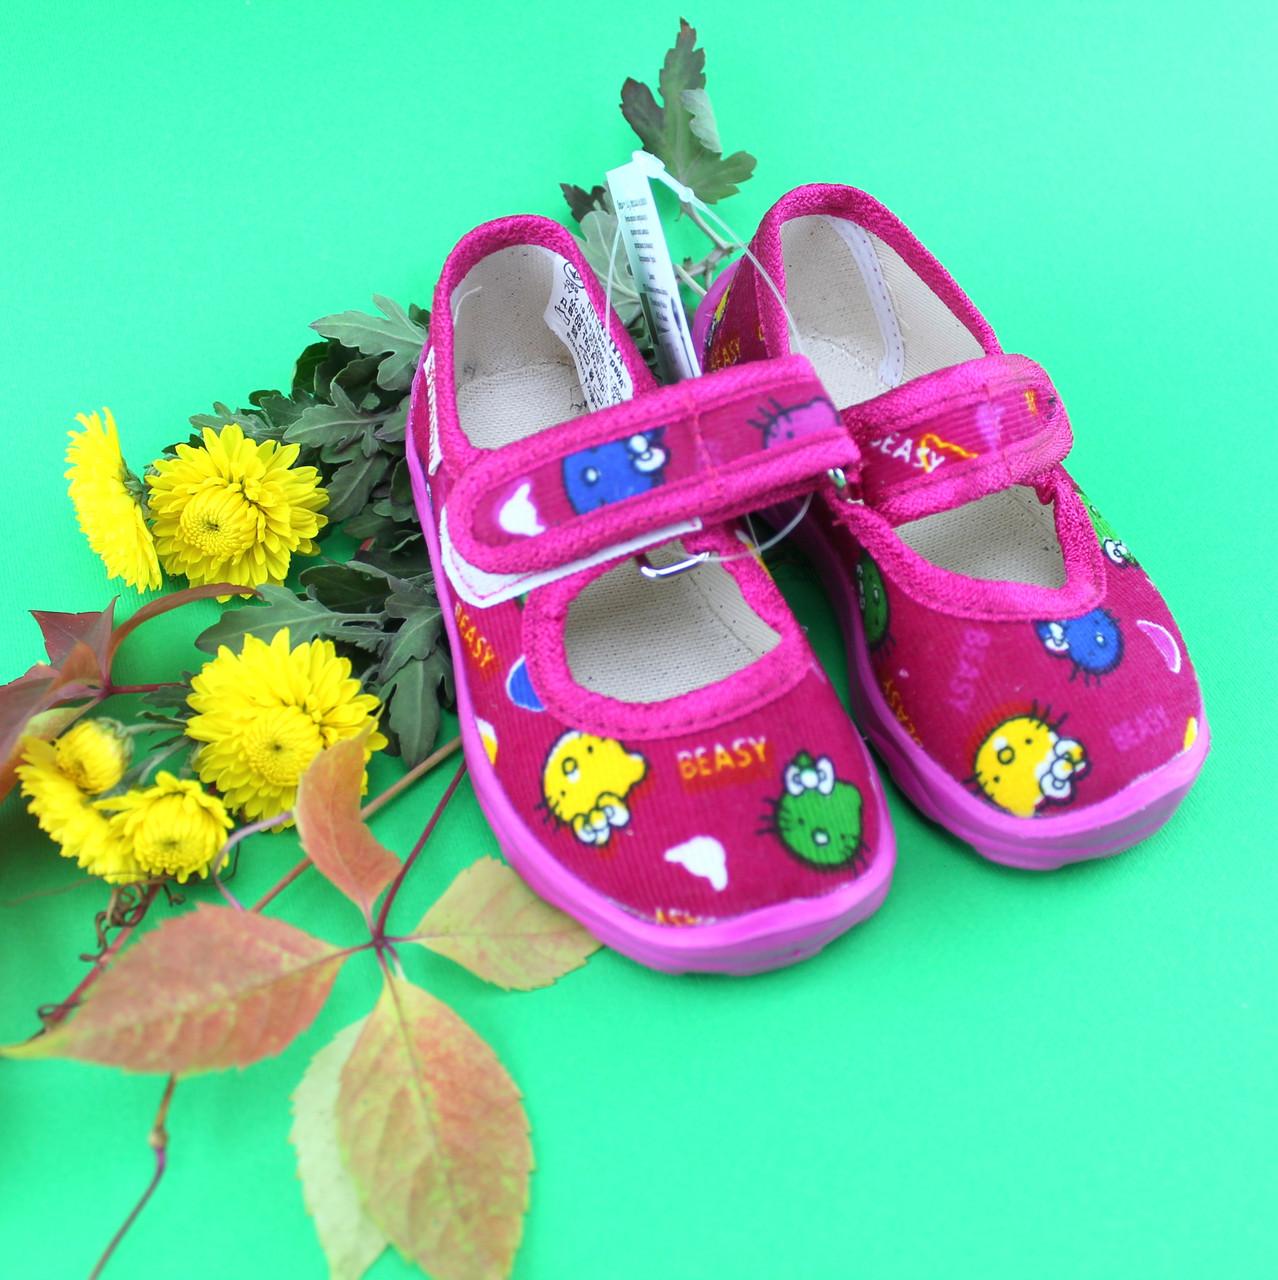 Детская текстильная обувь оптом Тапочки в садик на девочку Vitaliya Виталия Украина, размеры р.19 по 22,5